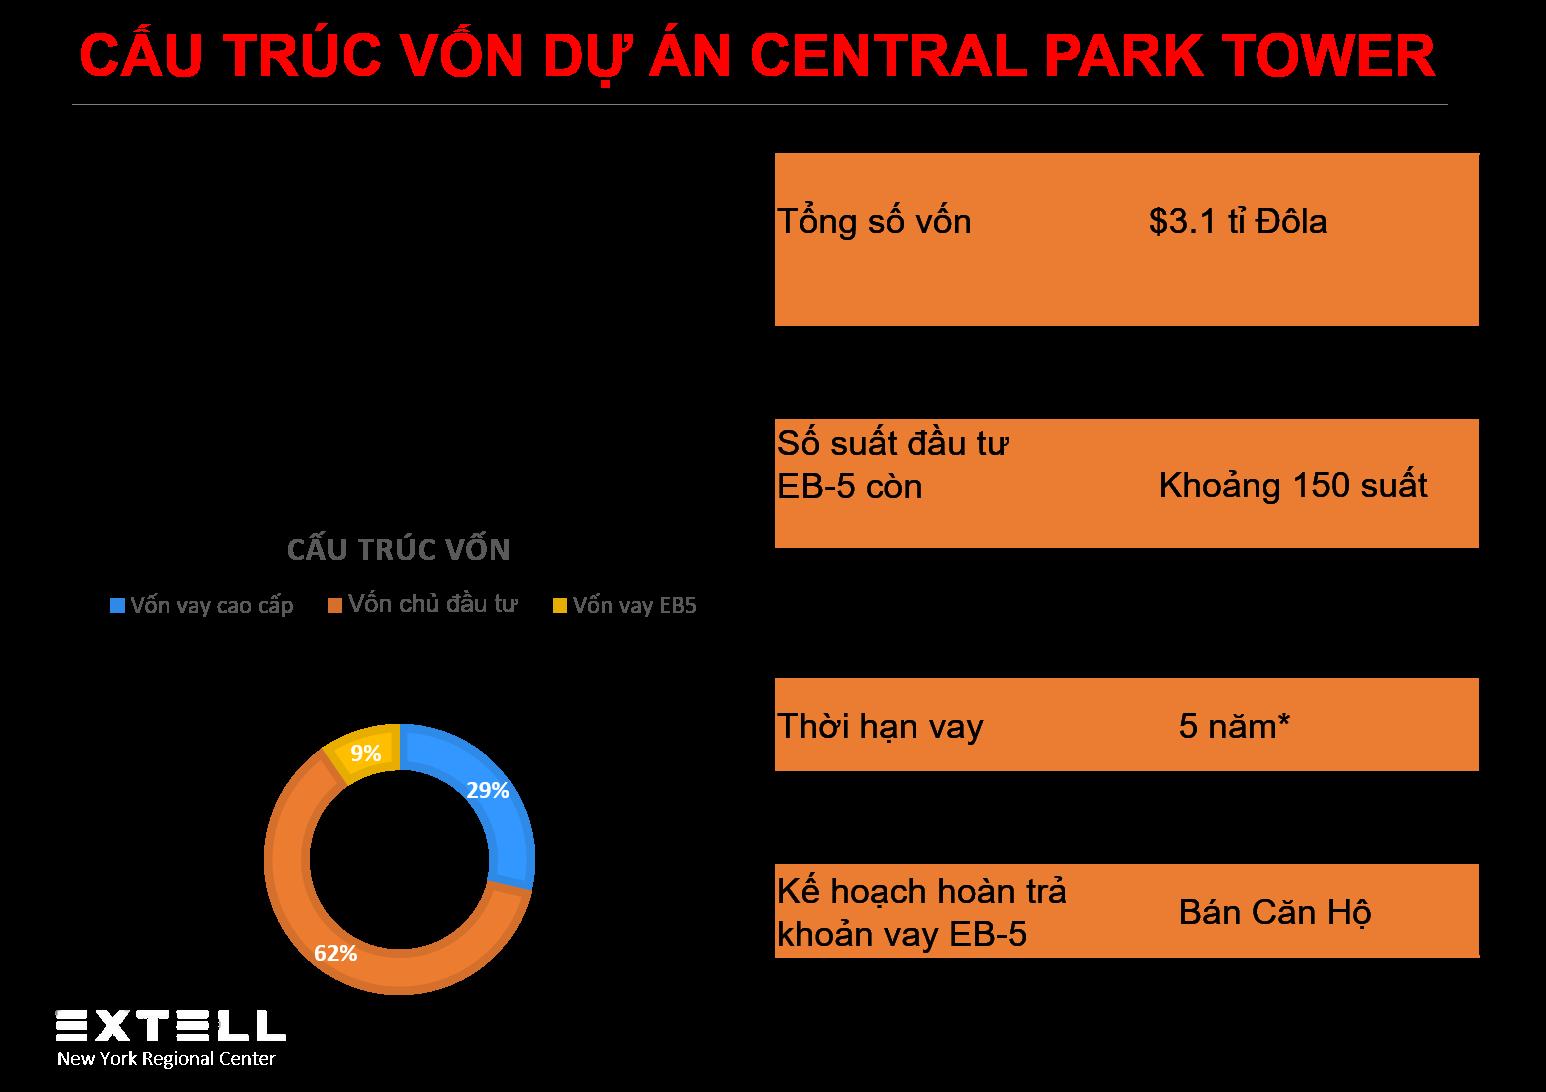 Cấu trúc vốn dự án Central Park Tower